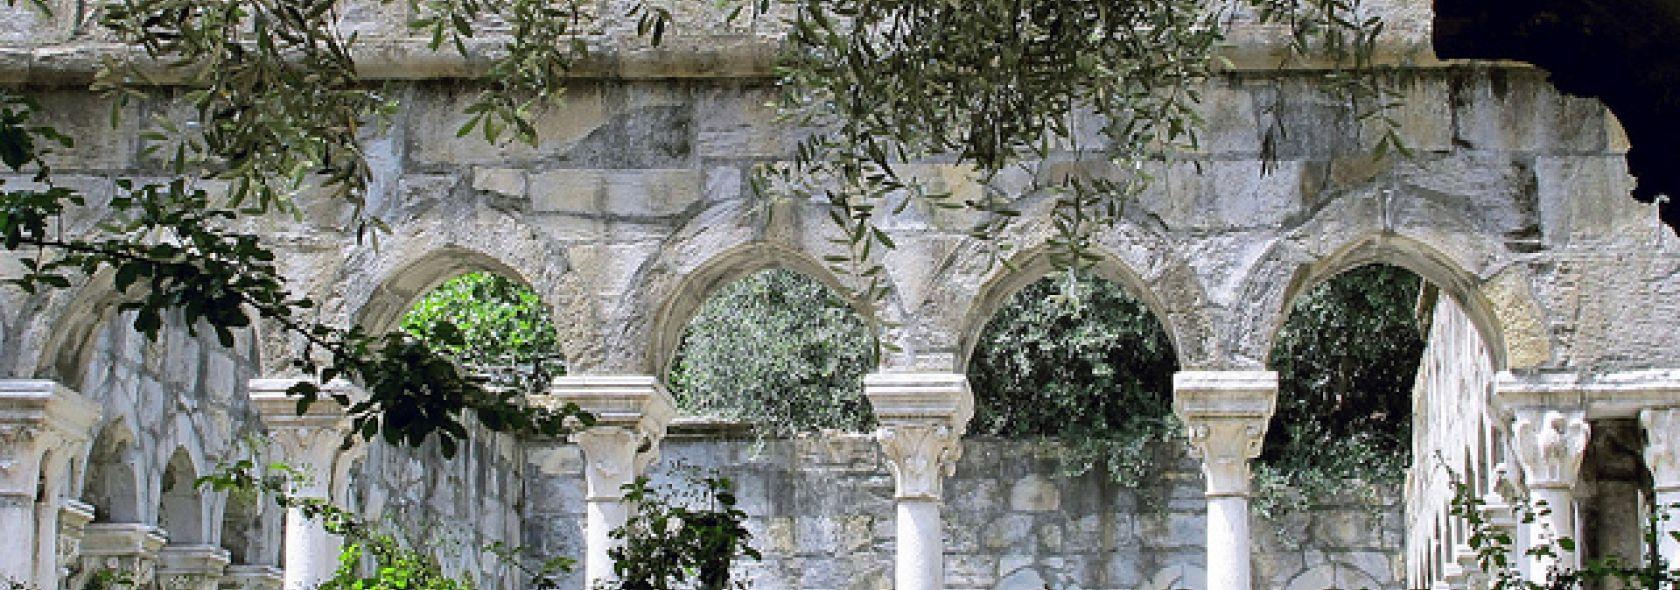 Chiostro di San'Andrea - Foto Rinaldi ©Genovacittadigitale